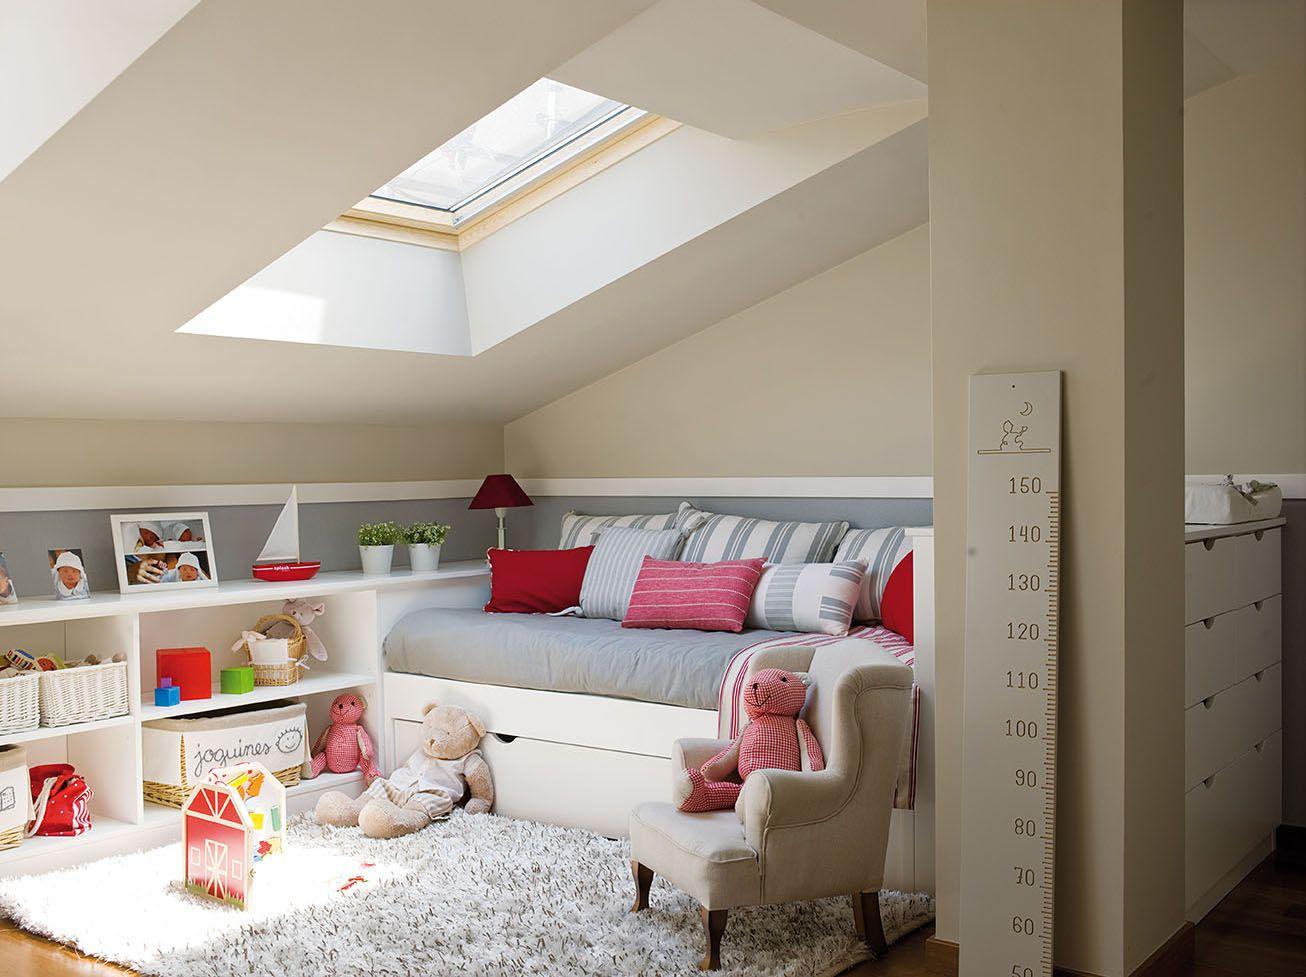 Dormitorio infantil abuhardillado en colores blanco y gris for Dormitorio infantil blanco